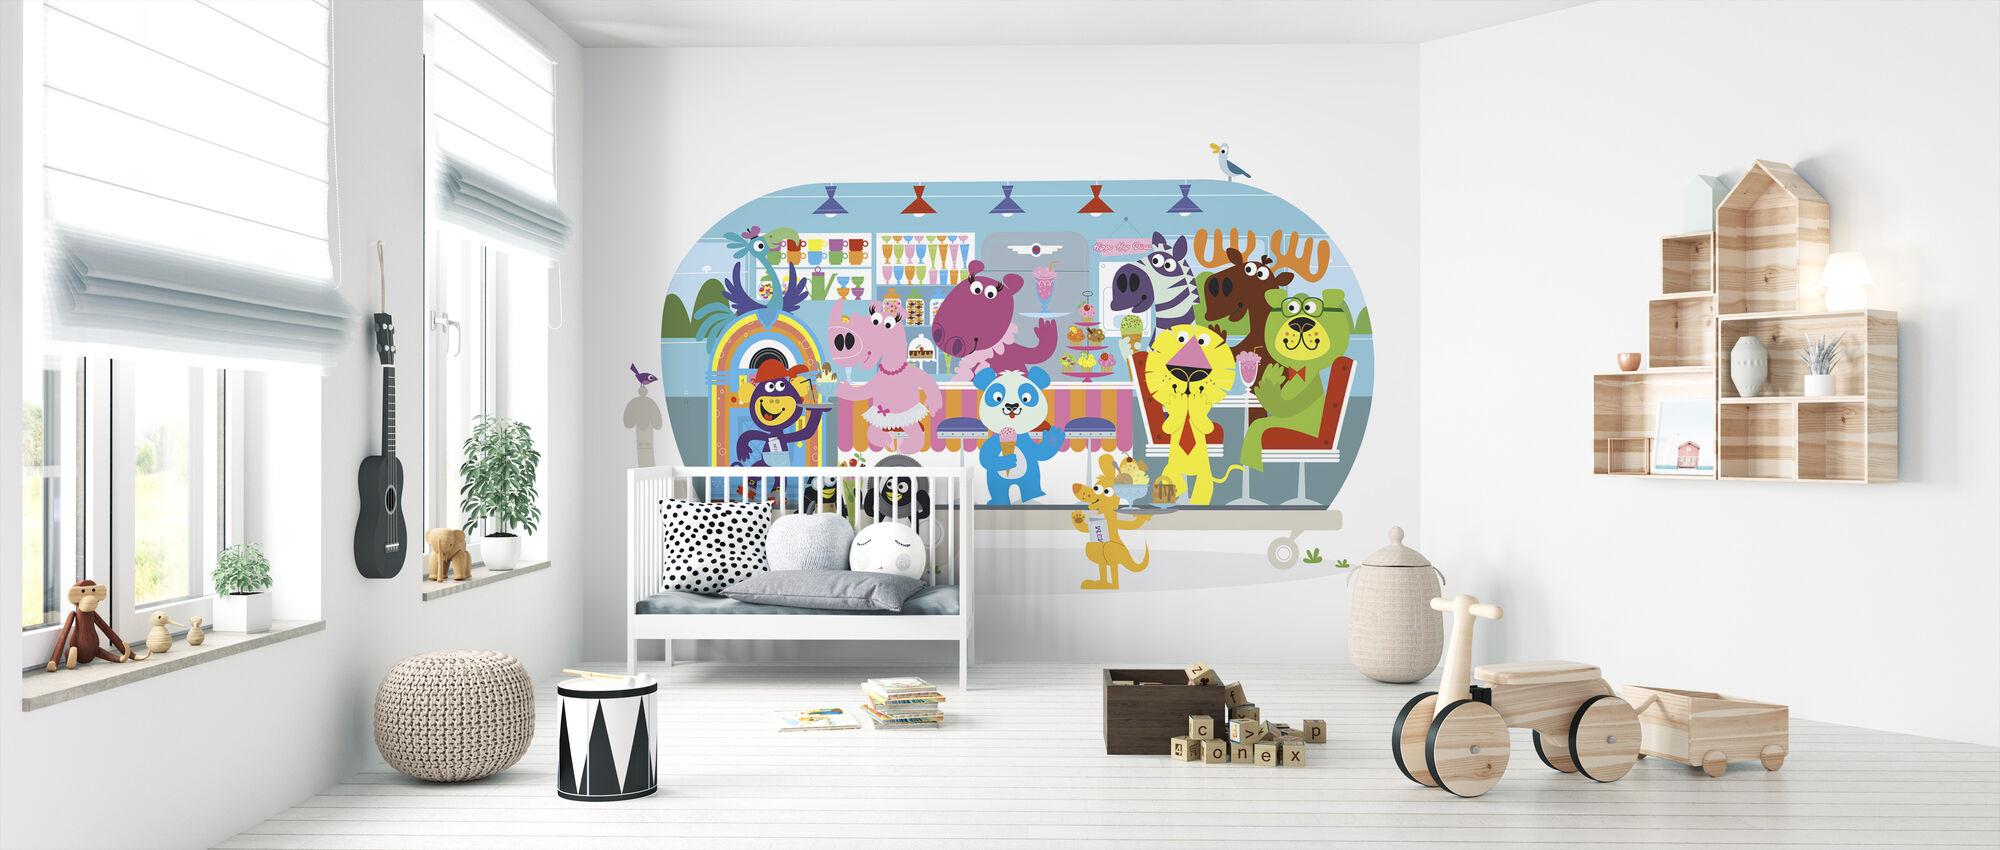 Fun-loving Betsys Hippo Hop Diner - Wallpaper - Nursery